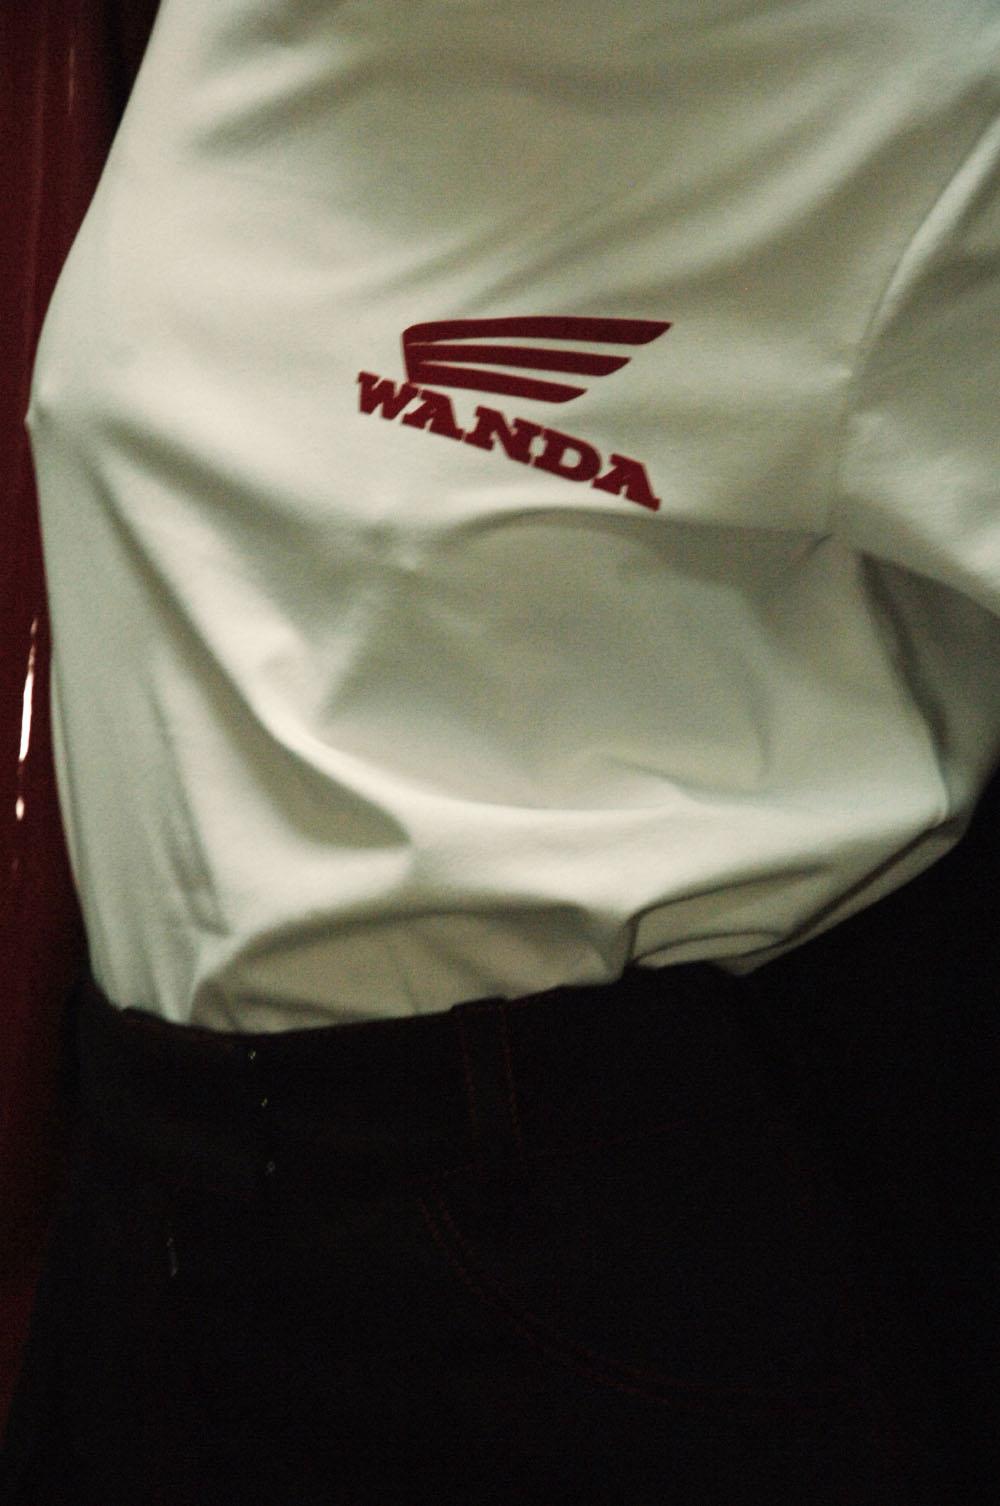 wanda-nylon-fw16-1800.jpg